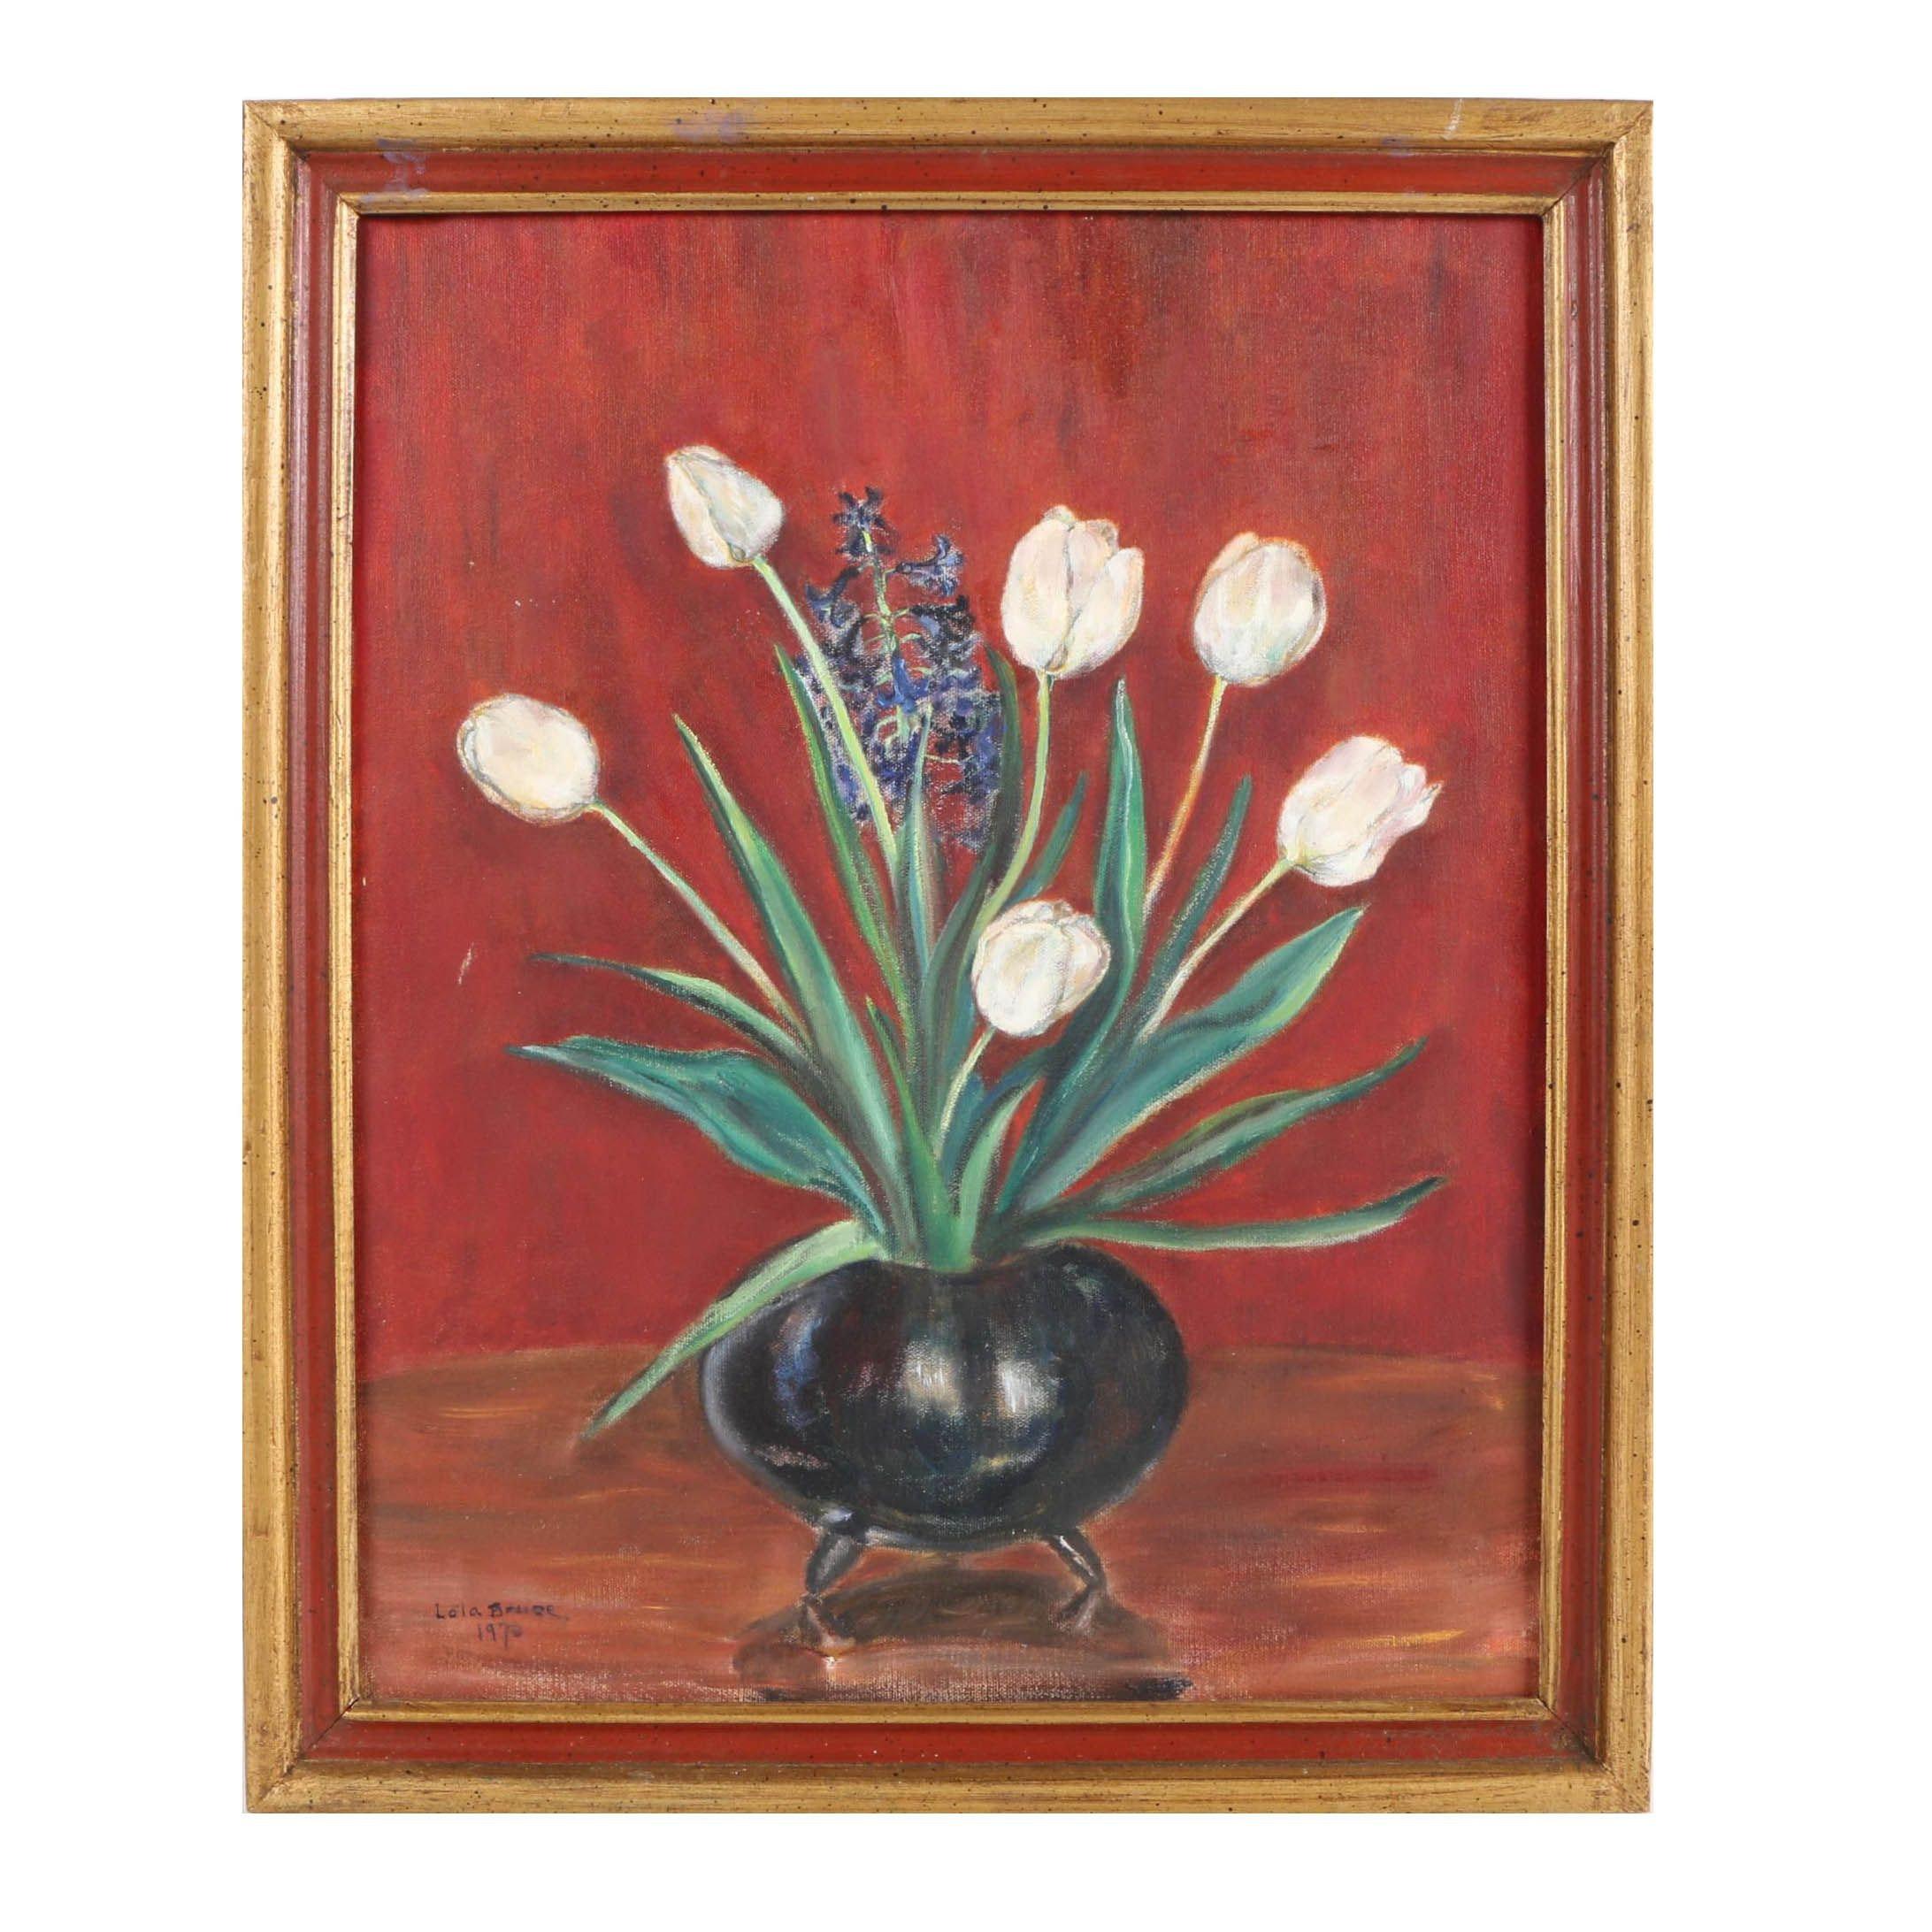 Lola Bruce Acrylic Painting